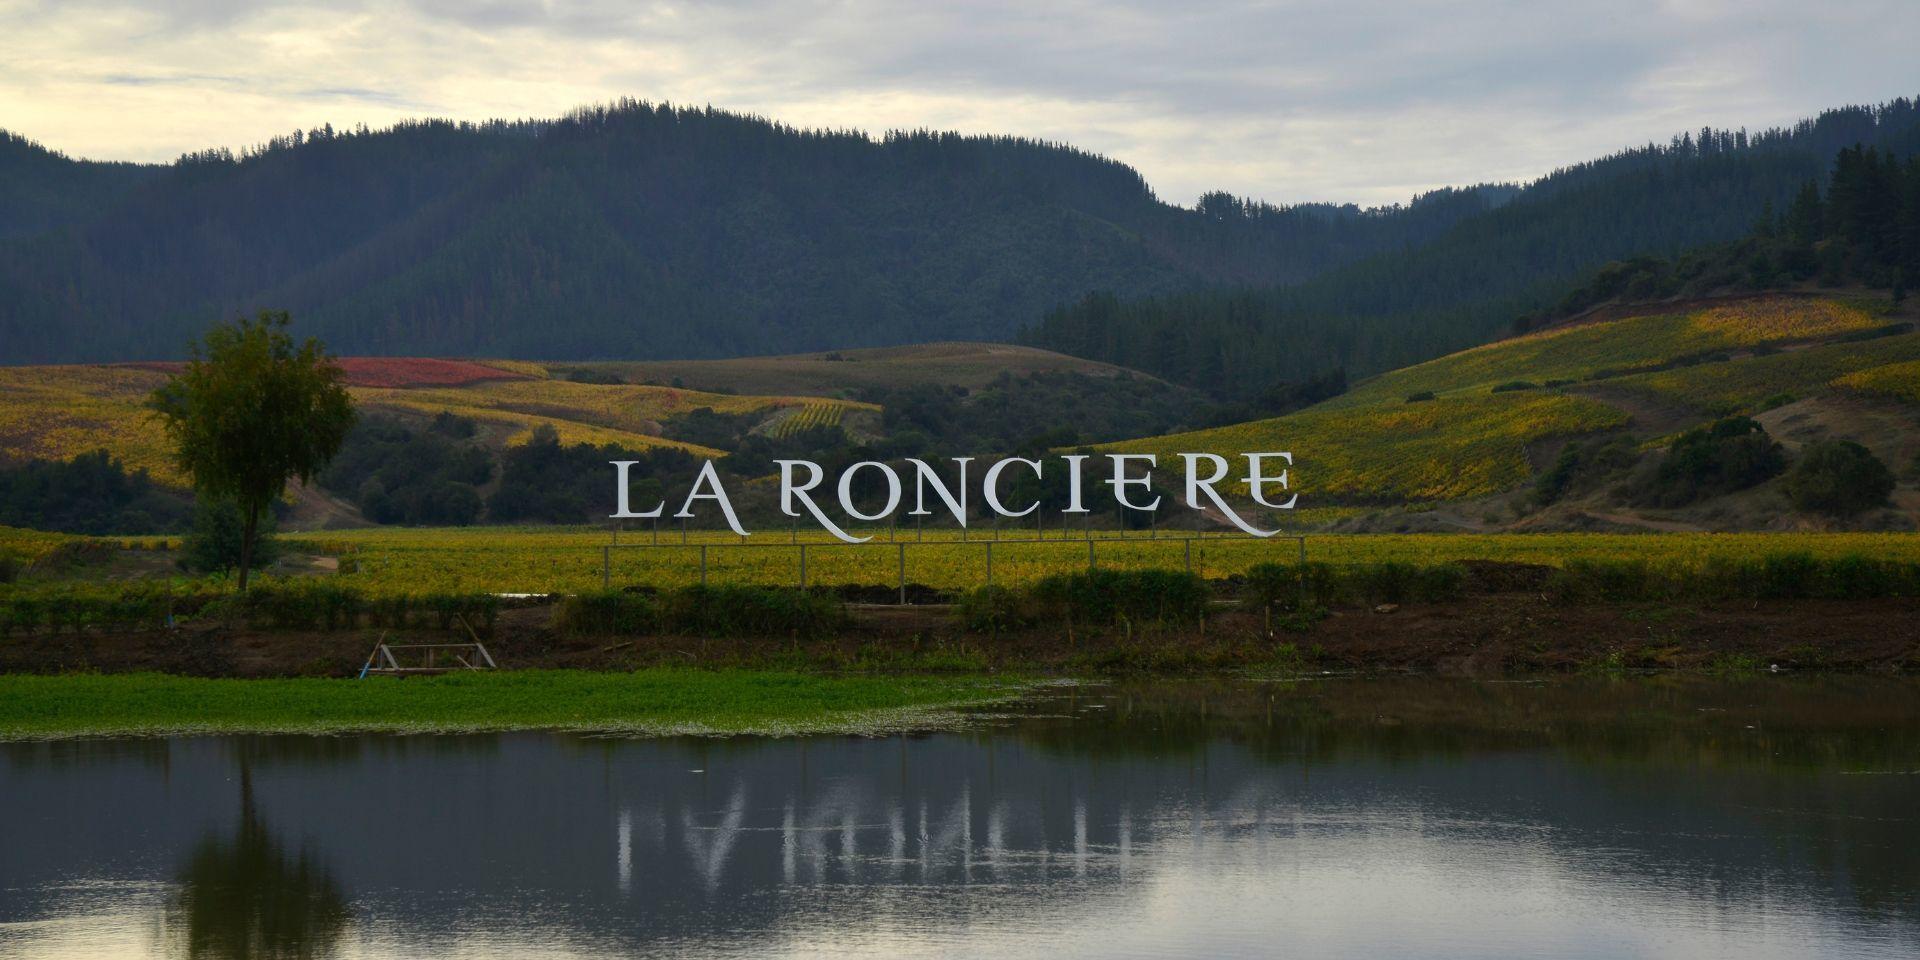 La Ronciere banner image